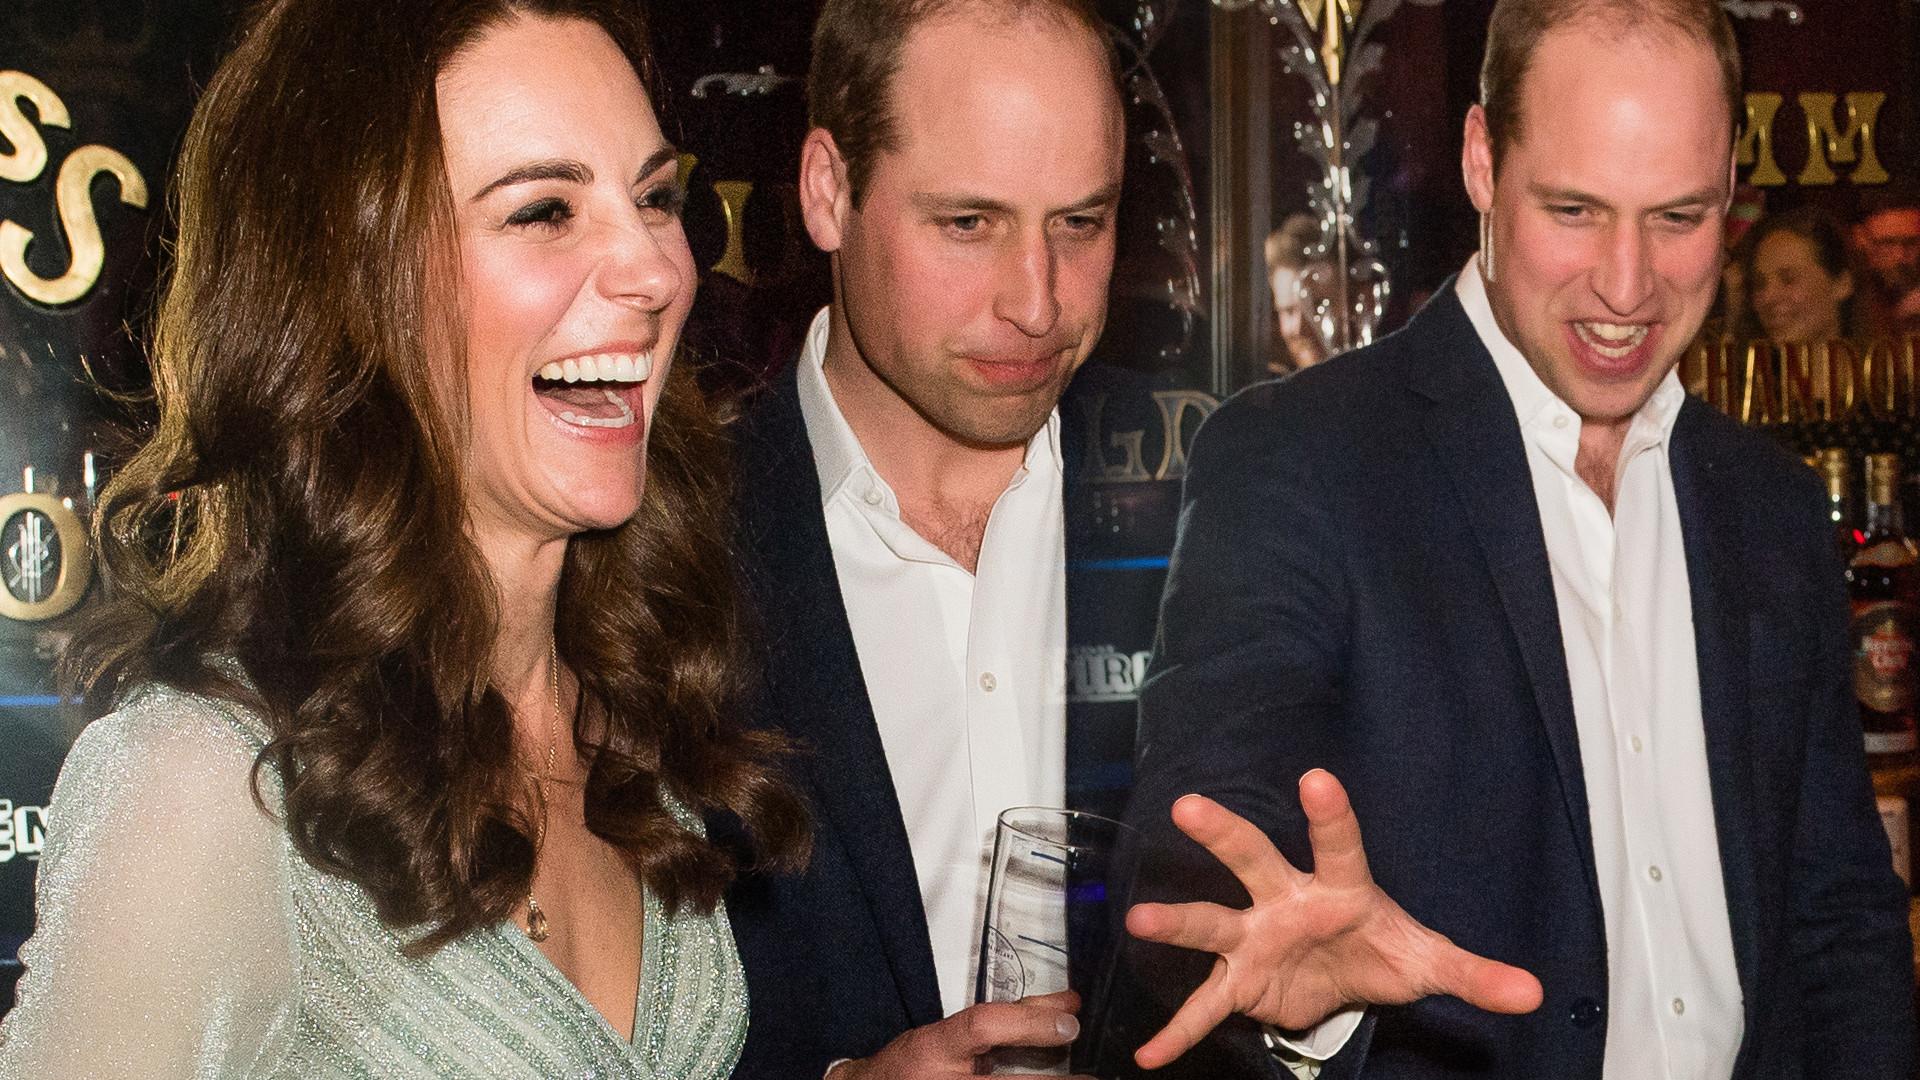 Tacy jak my? Kate leje piwo, a William popija zadowolony. Te ZDJĘCIA robią furorę!